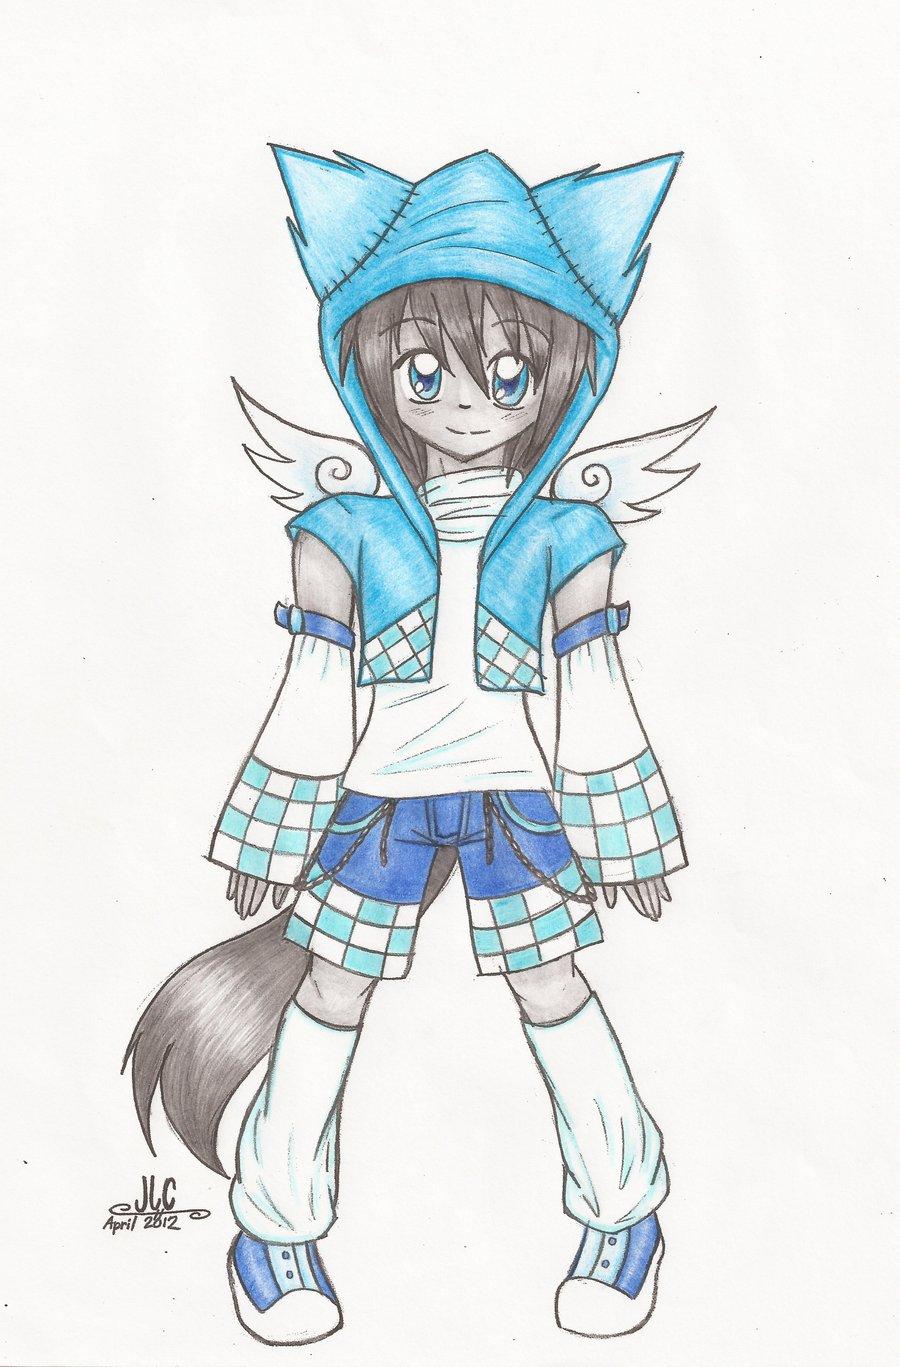 Angelic_Wolf_Puppy 2012